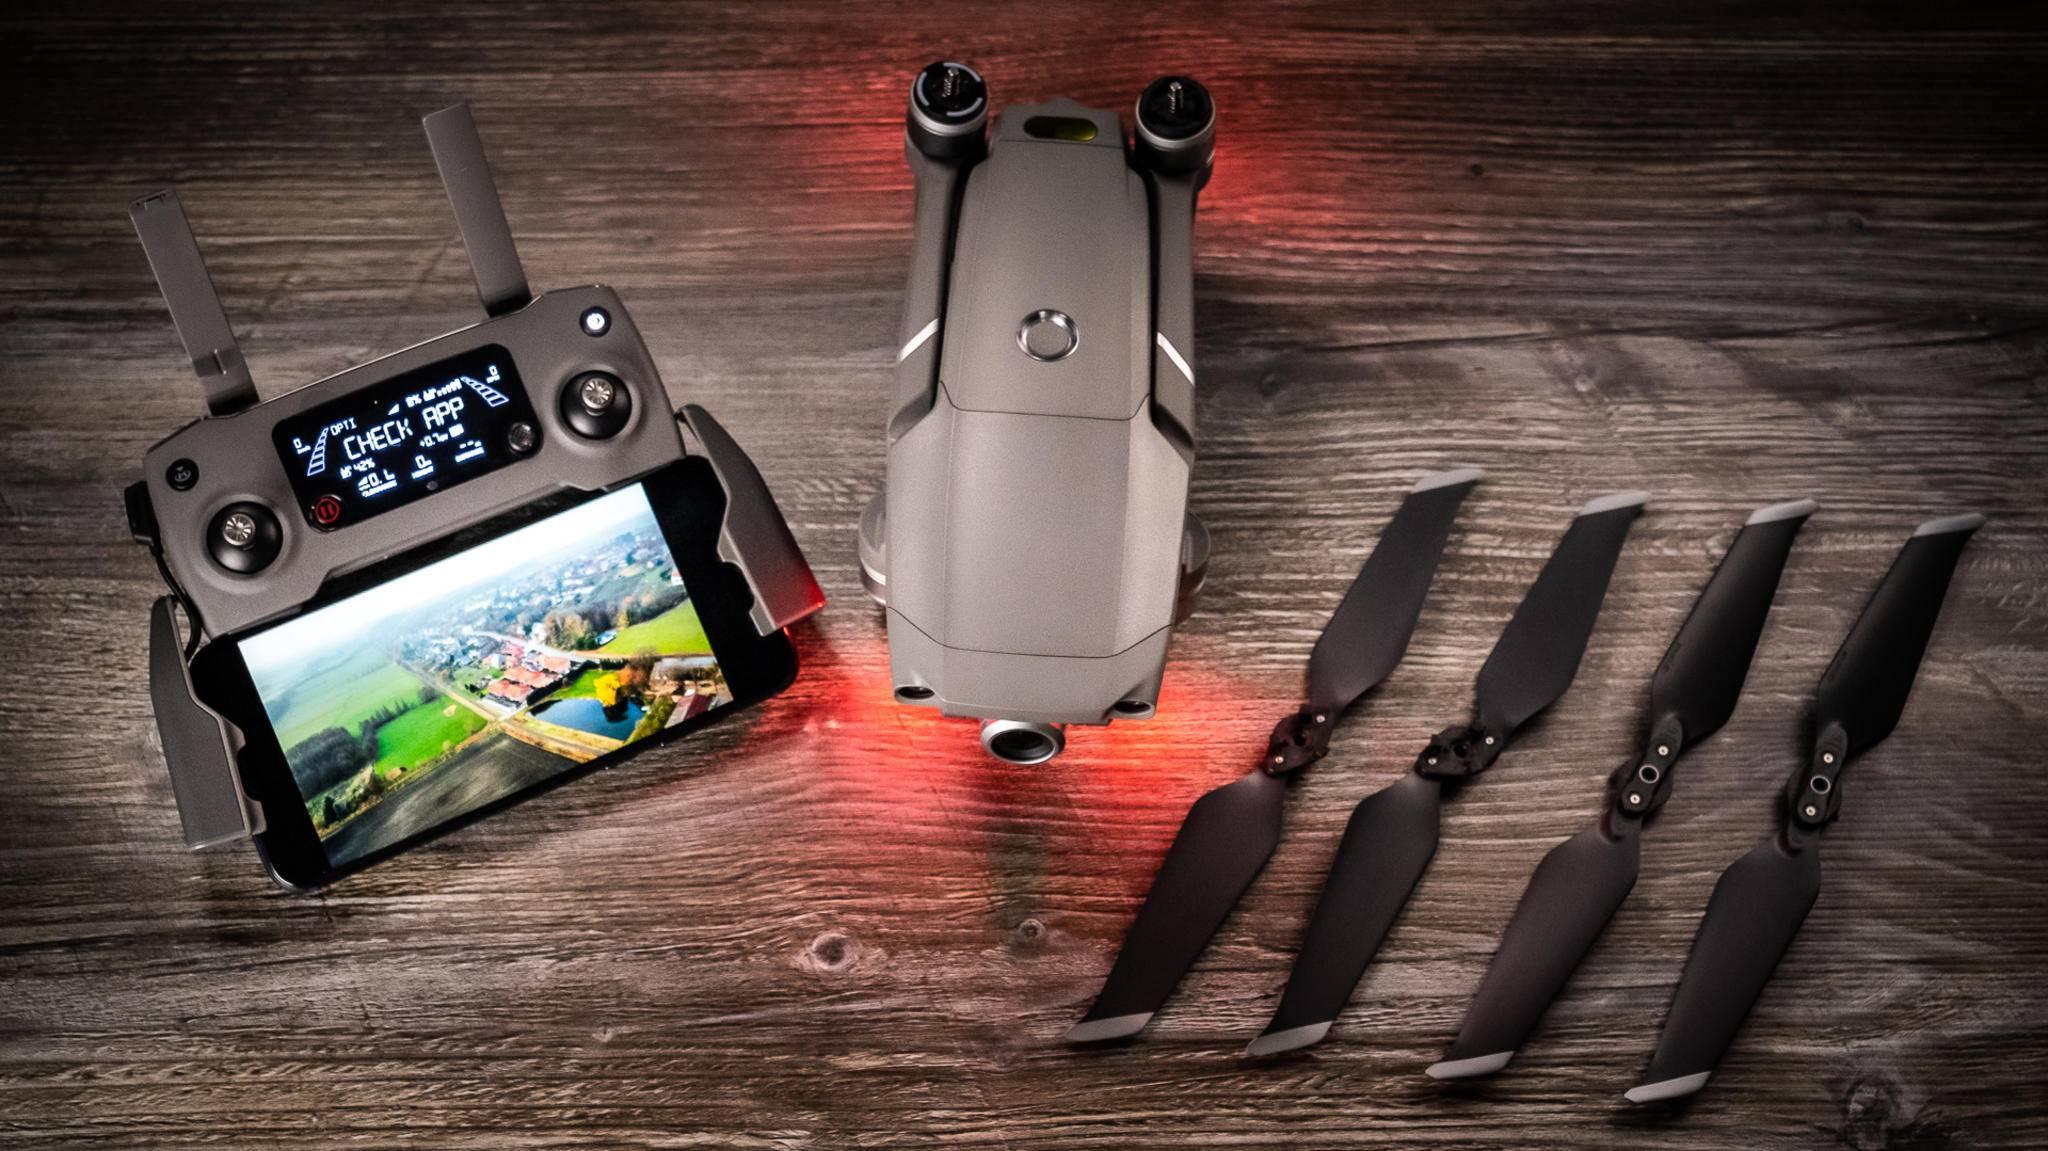 Regelwerk, Fluginfos, Vorabplanung: Wir stellen praktische Apps für Drohnenpiloten vor.